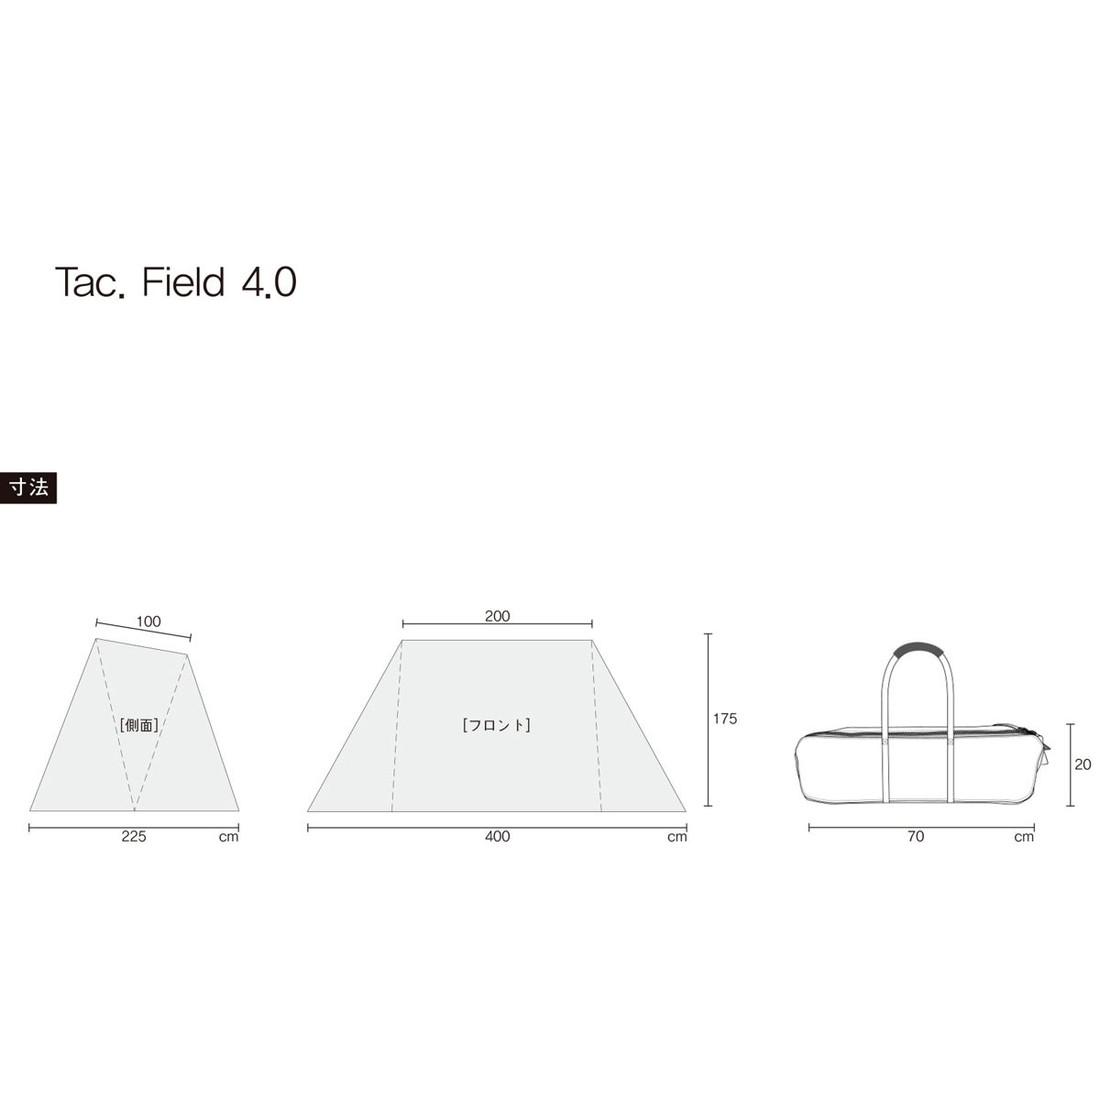 ヘリノックス タクティカル フィールド4.0 テント  国内正規品